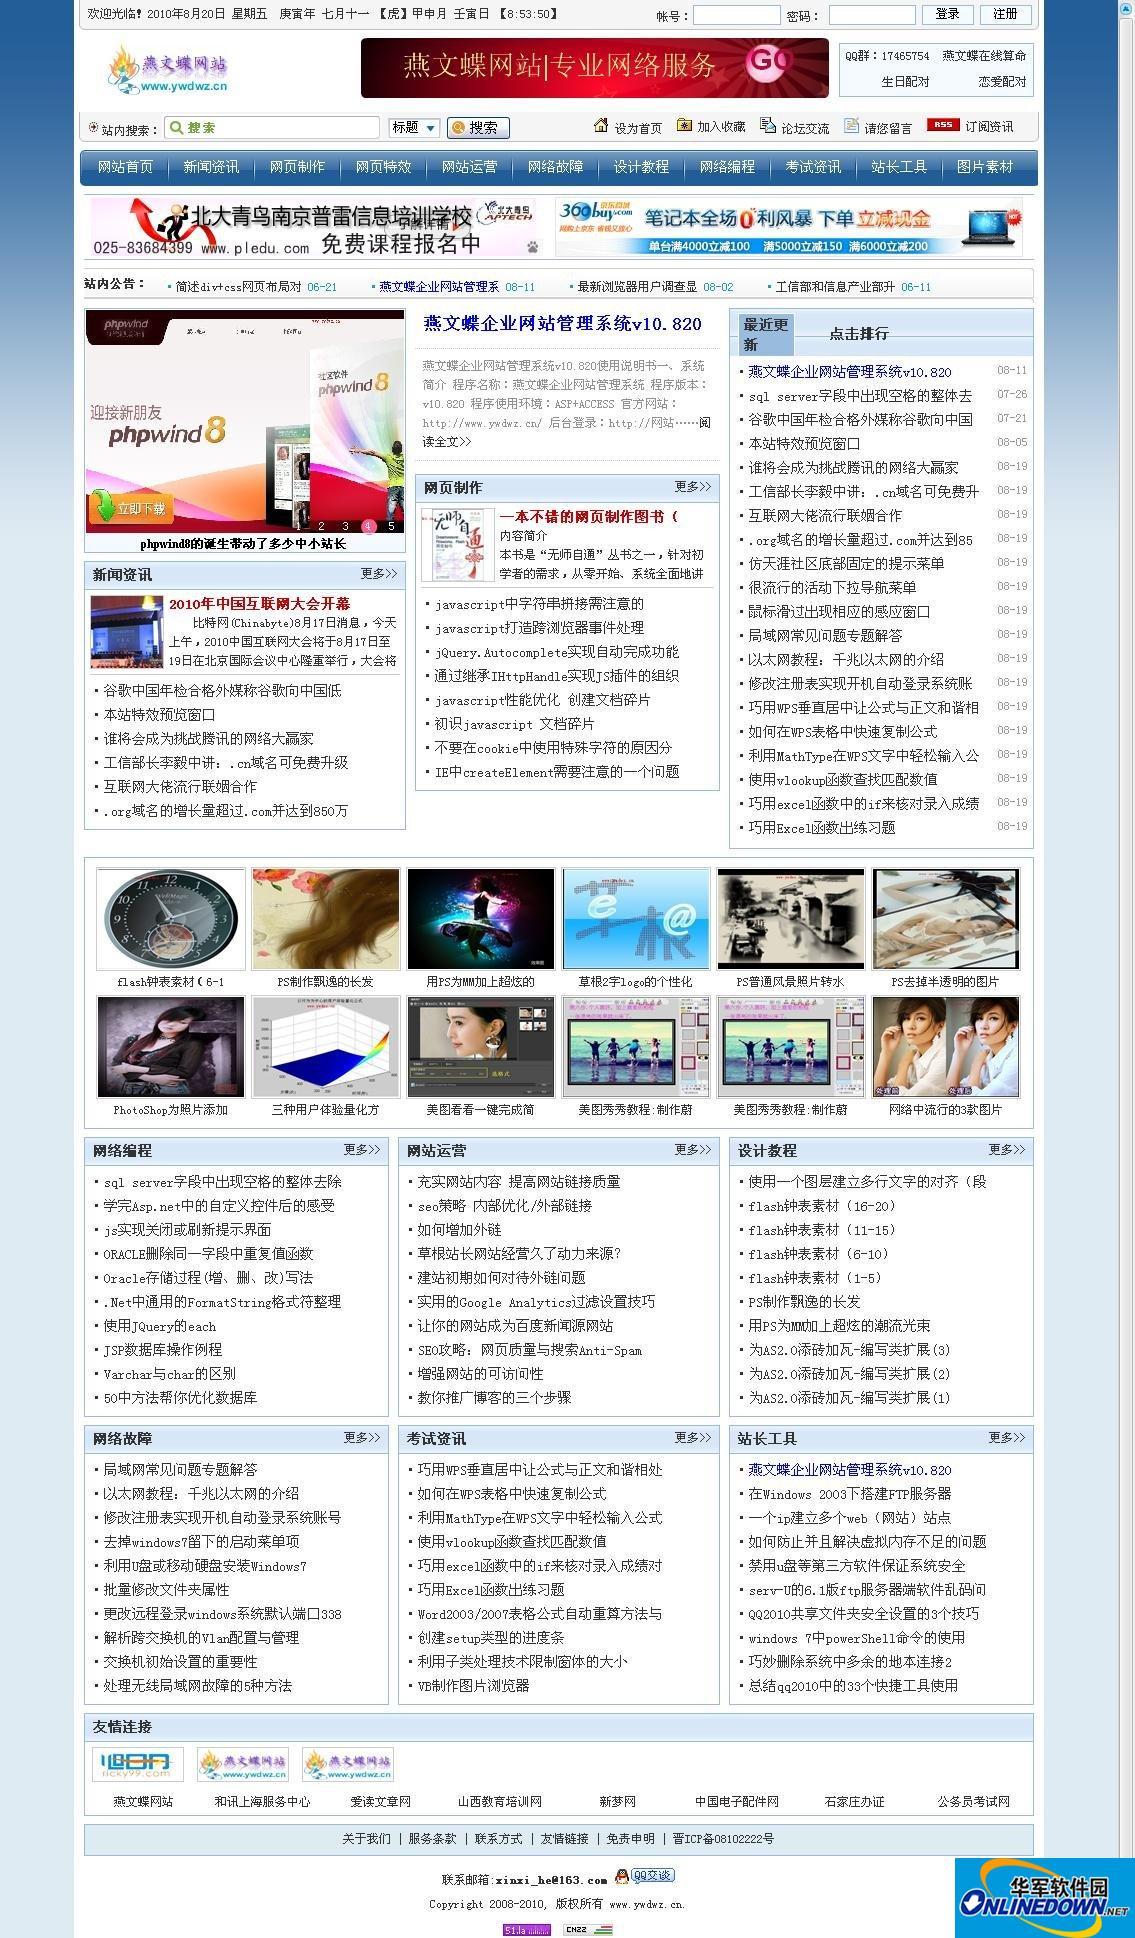 燕文蝶企业网站管理系统